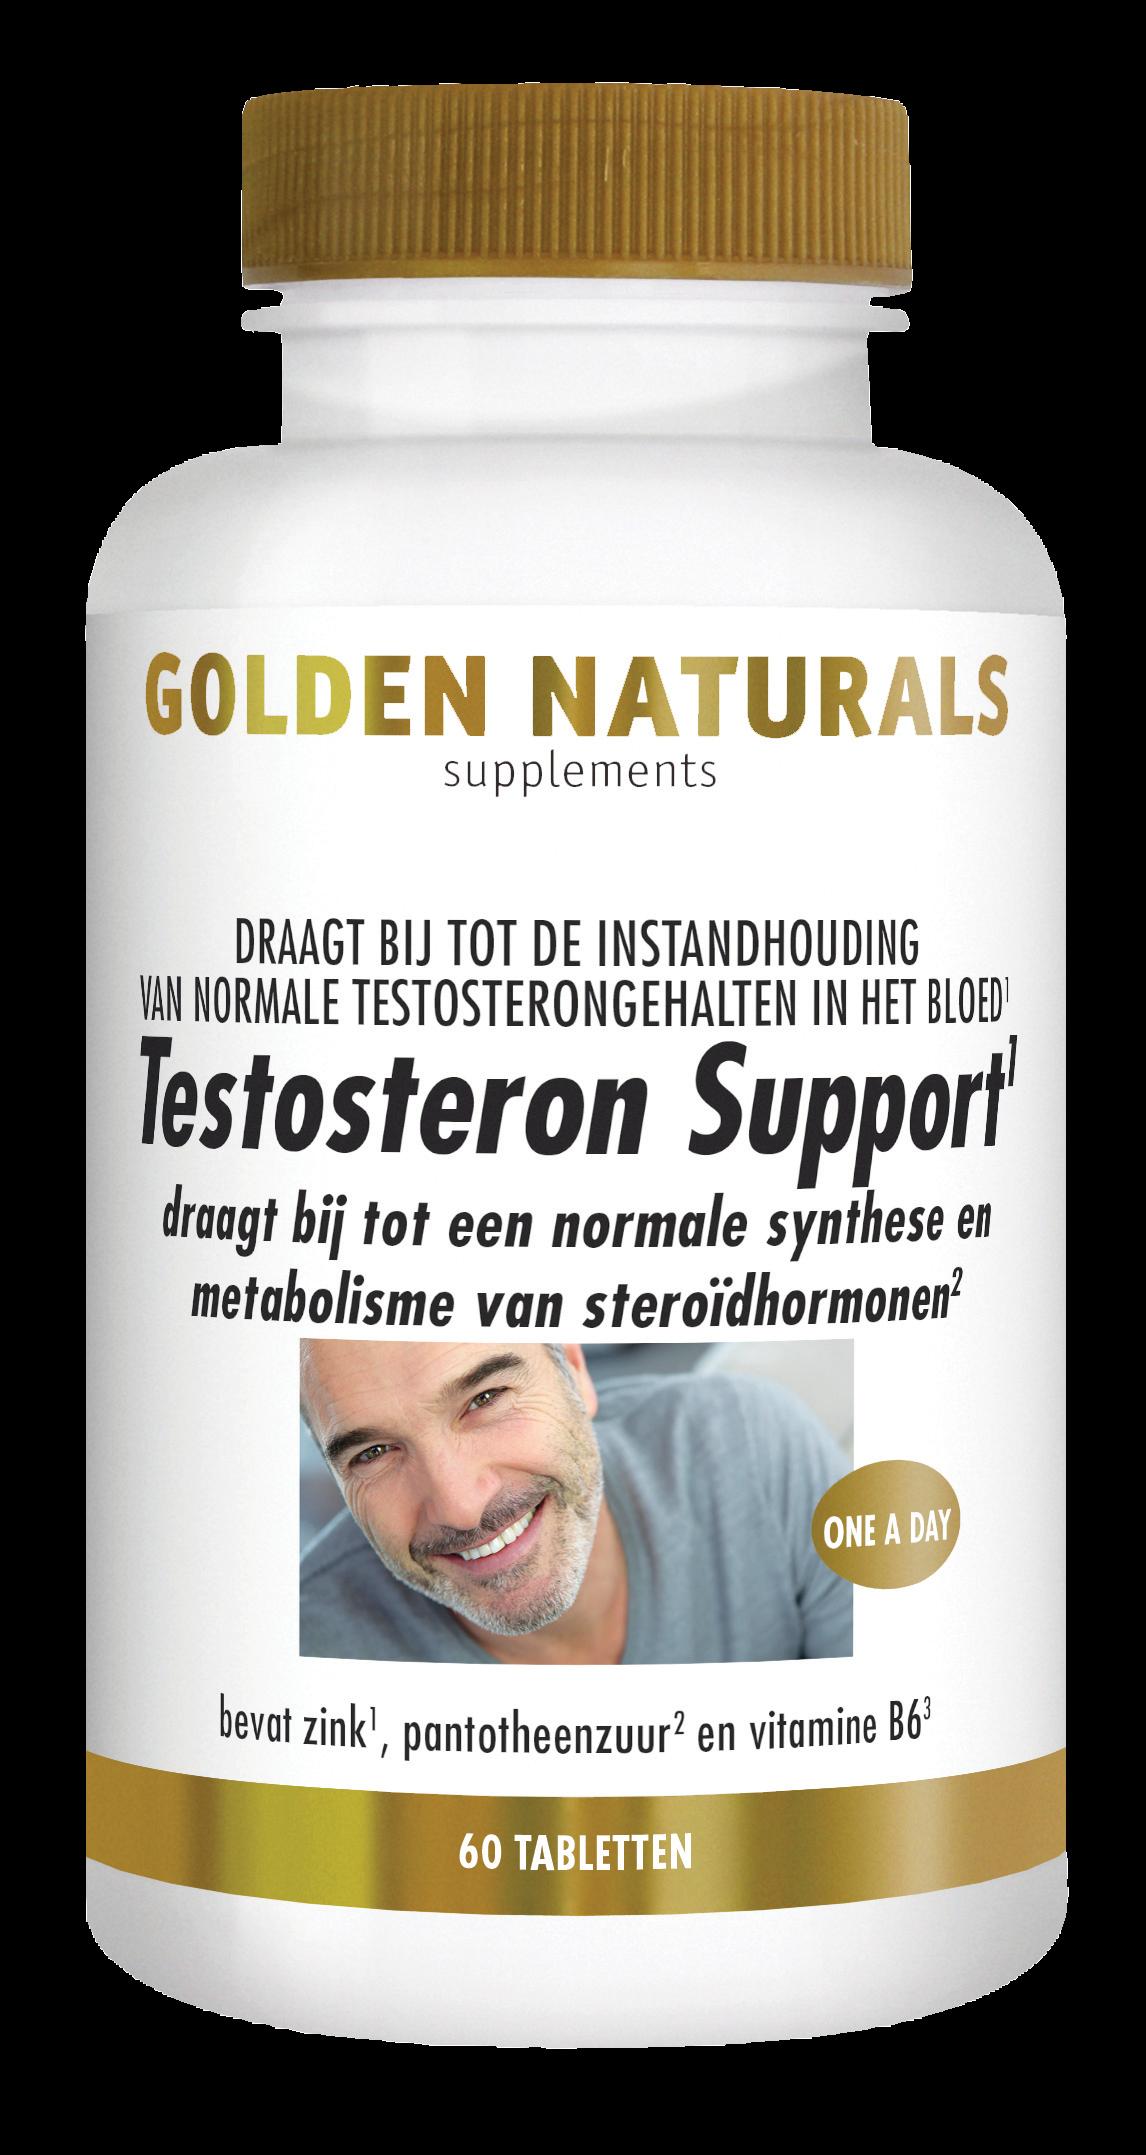 Golden Naturals Testosteron Support (60 veganistische tabletten)